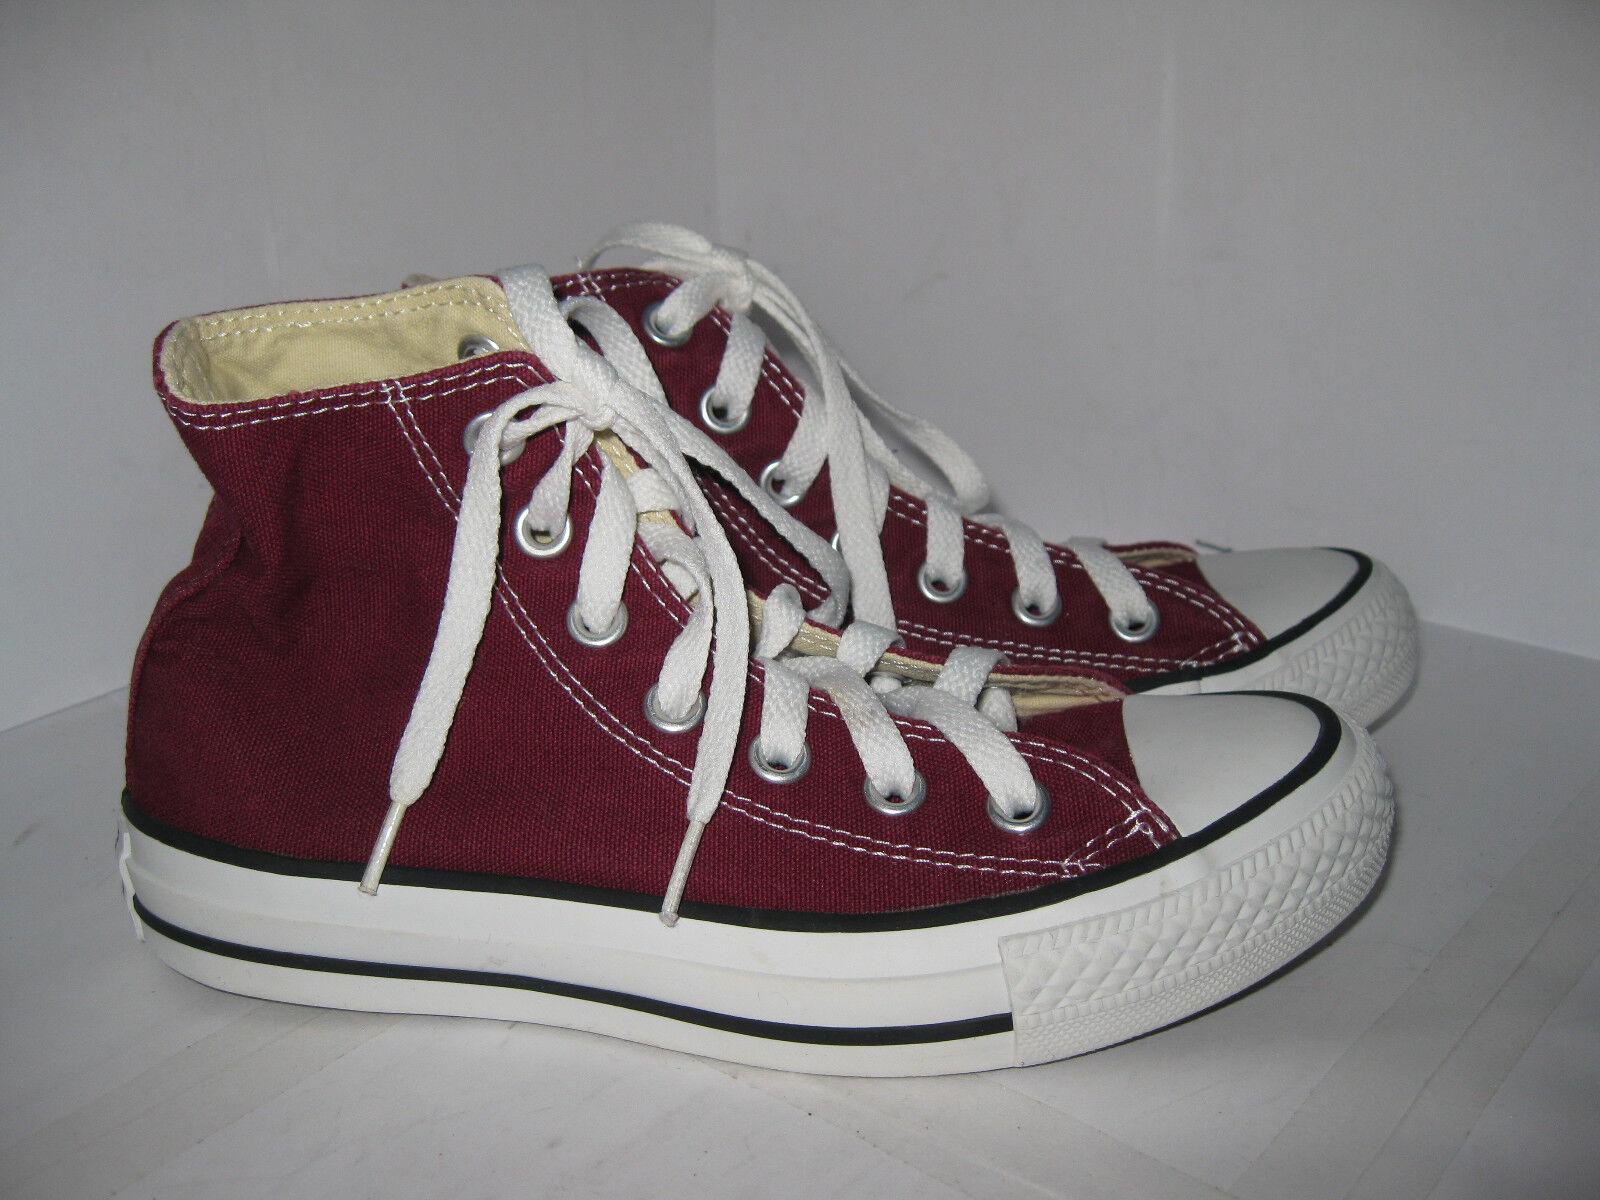 Converse Unisex Size Adults Cherry Textile Trainers Size Unisex 036ebc